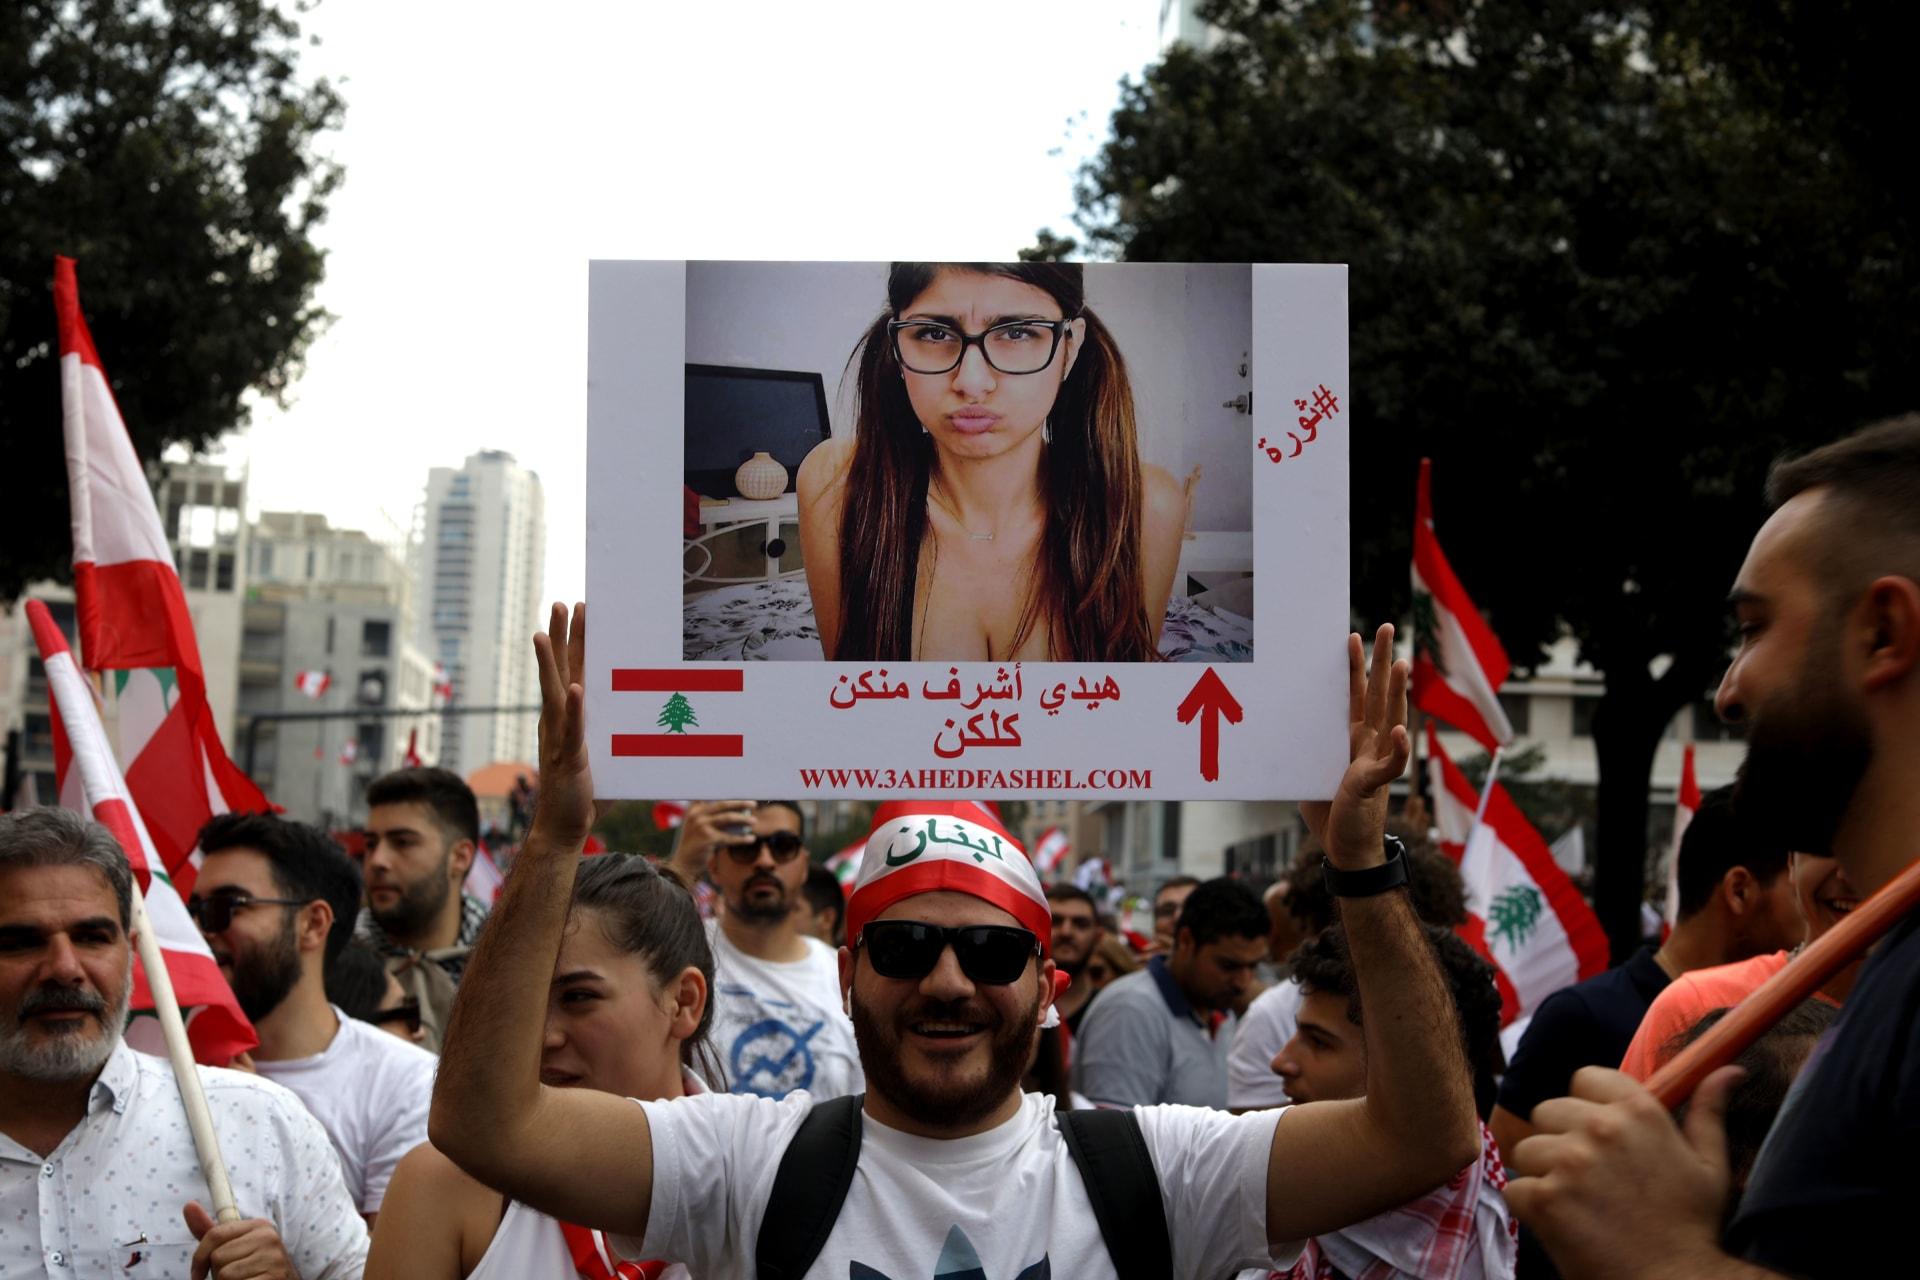 ميا خليفة تطرح نظارتها في مزاد لجمع تبرعات لصالح لبنان.. وتعلق على استقالة الحكومة